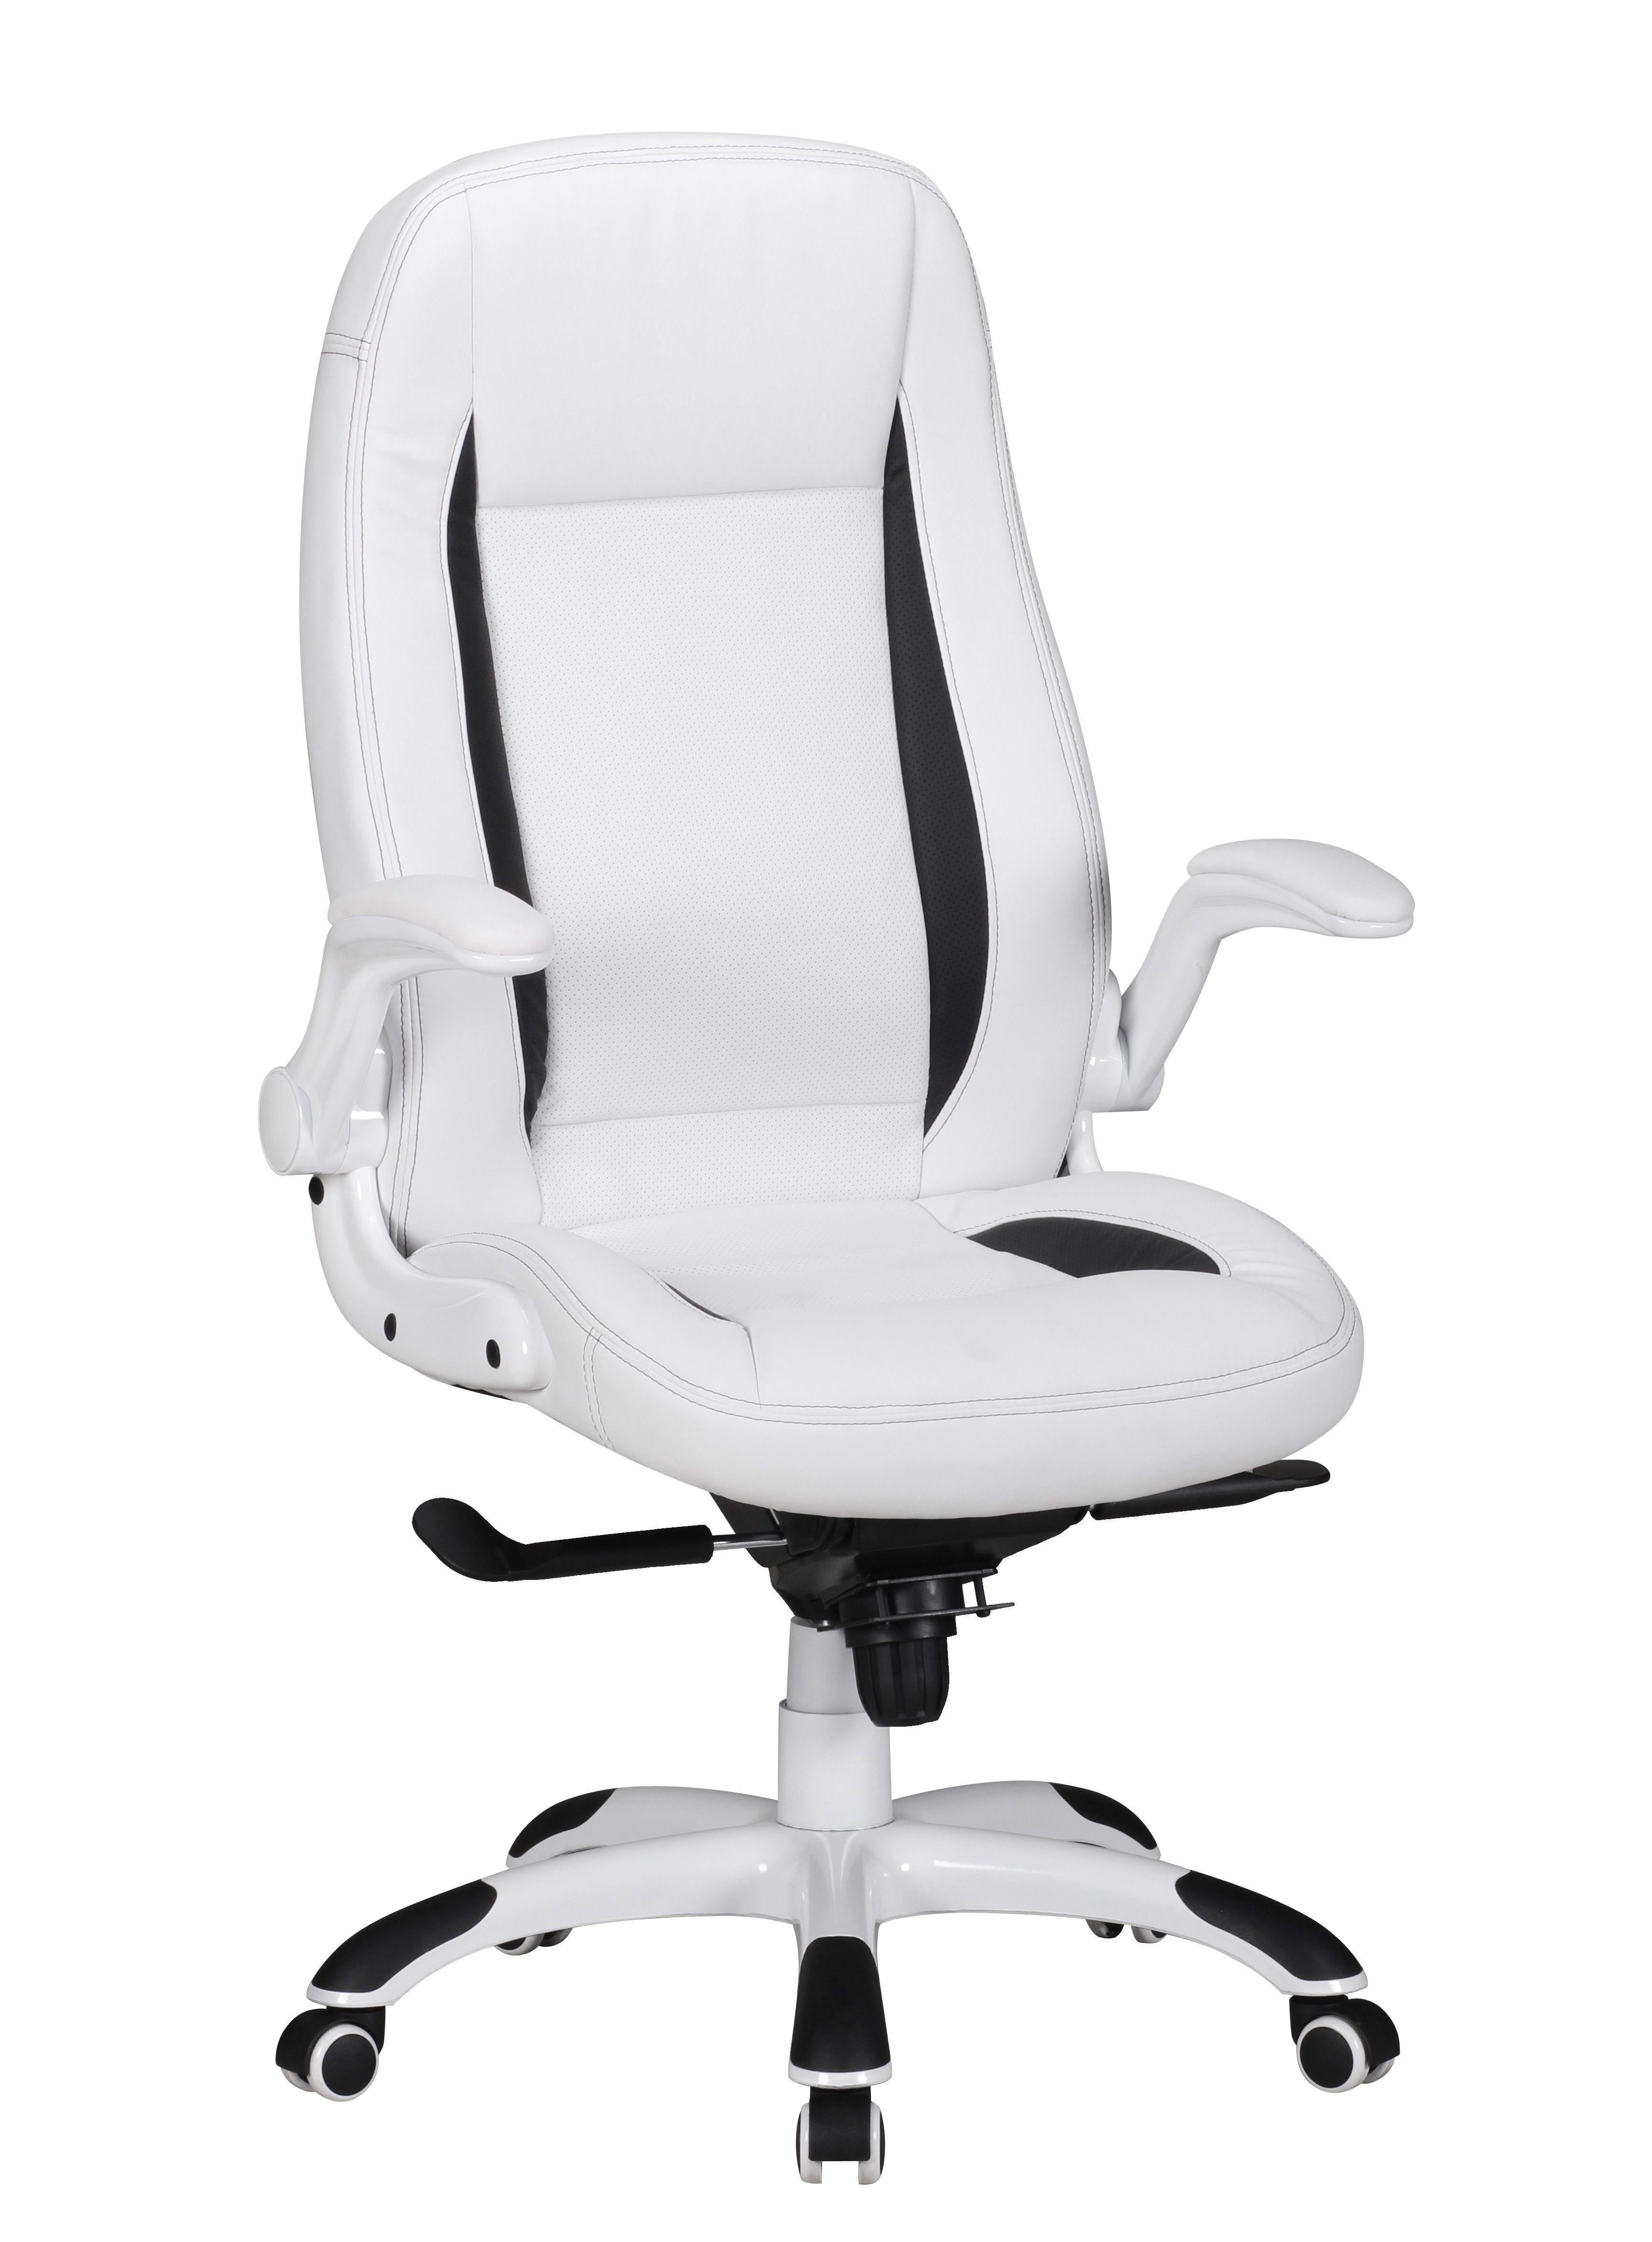 Chefsessel Belgrad Weiss Streifen Schwarz Mit Armlehnen Klappbar Office Chair Gaming Chair Chair